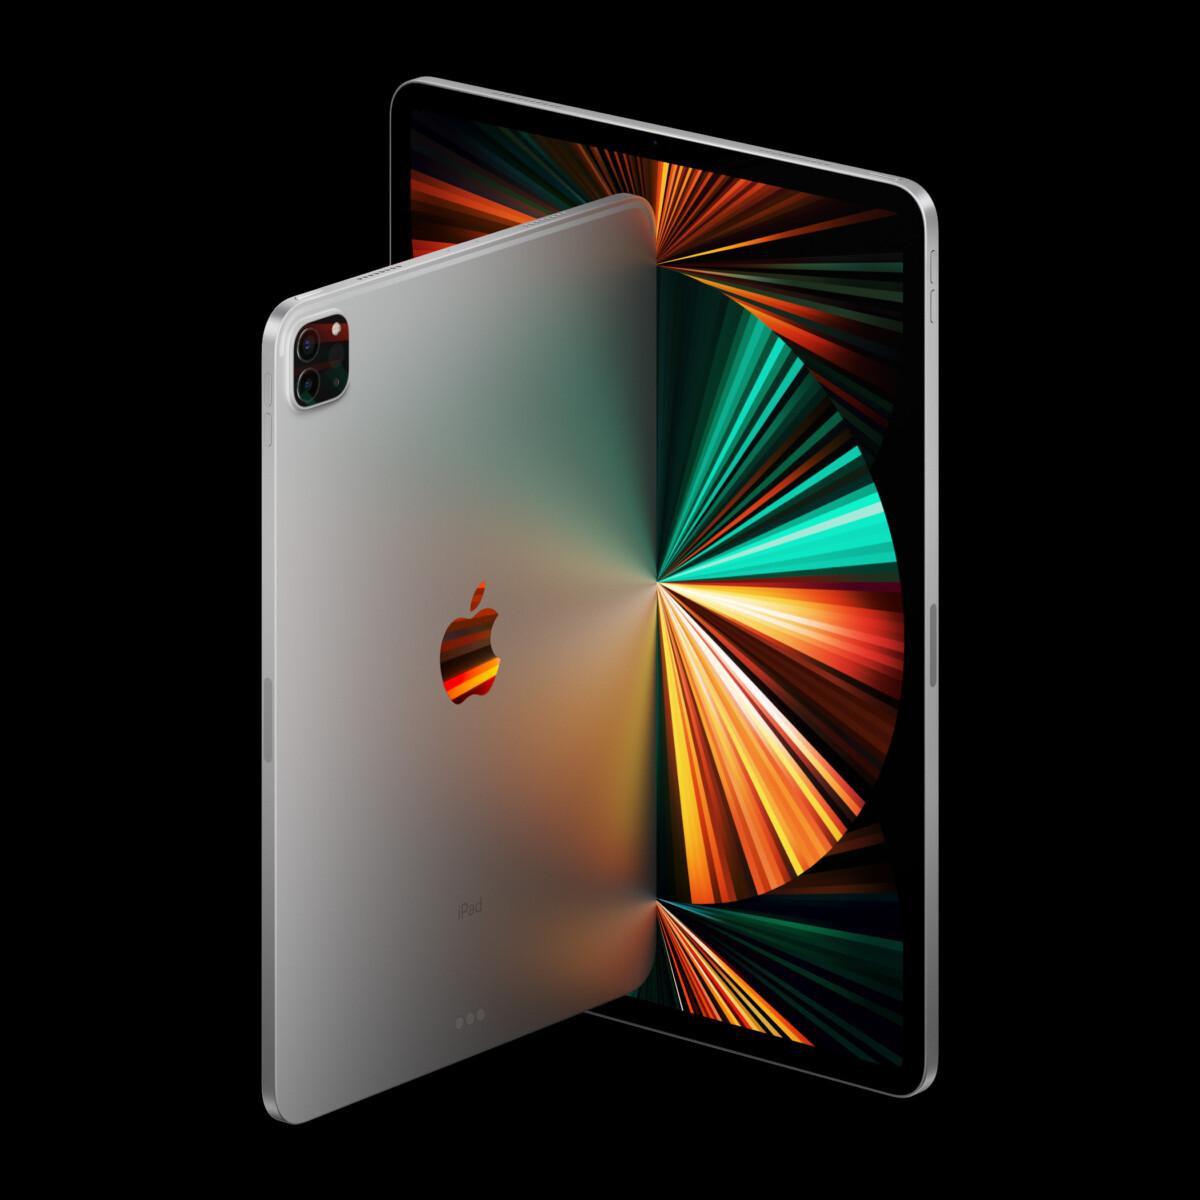 L'iPad Pro 11pouces et la version 12,9pouces